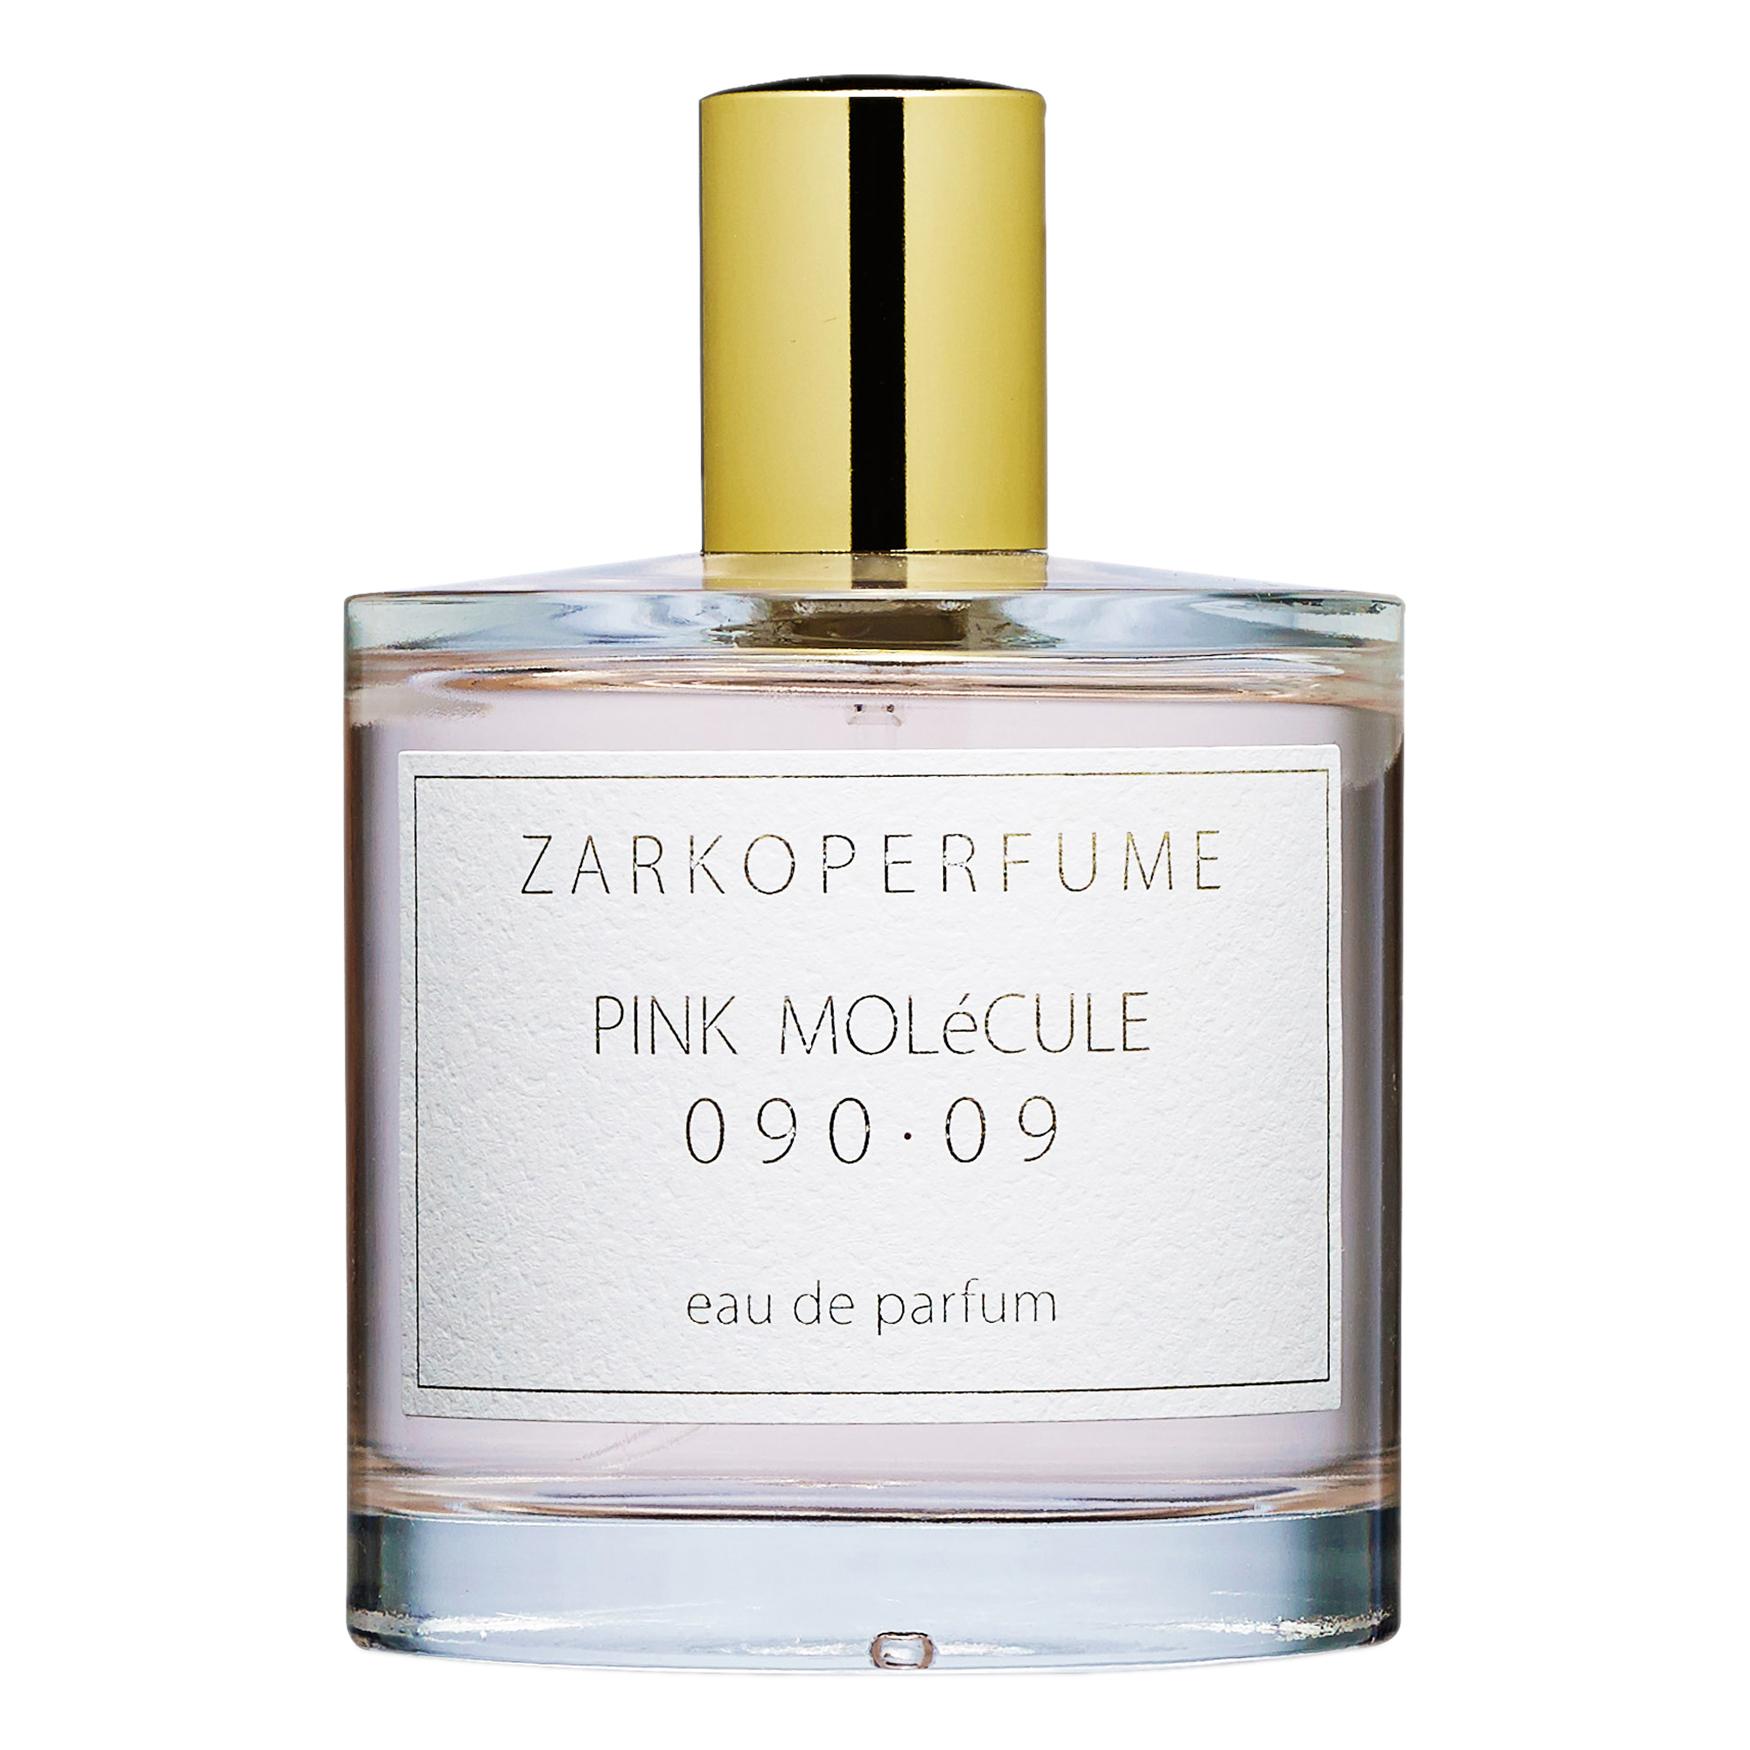 Pink Molecule 090.09 Eau de Parfum, , large